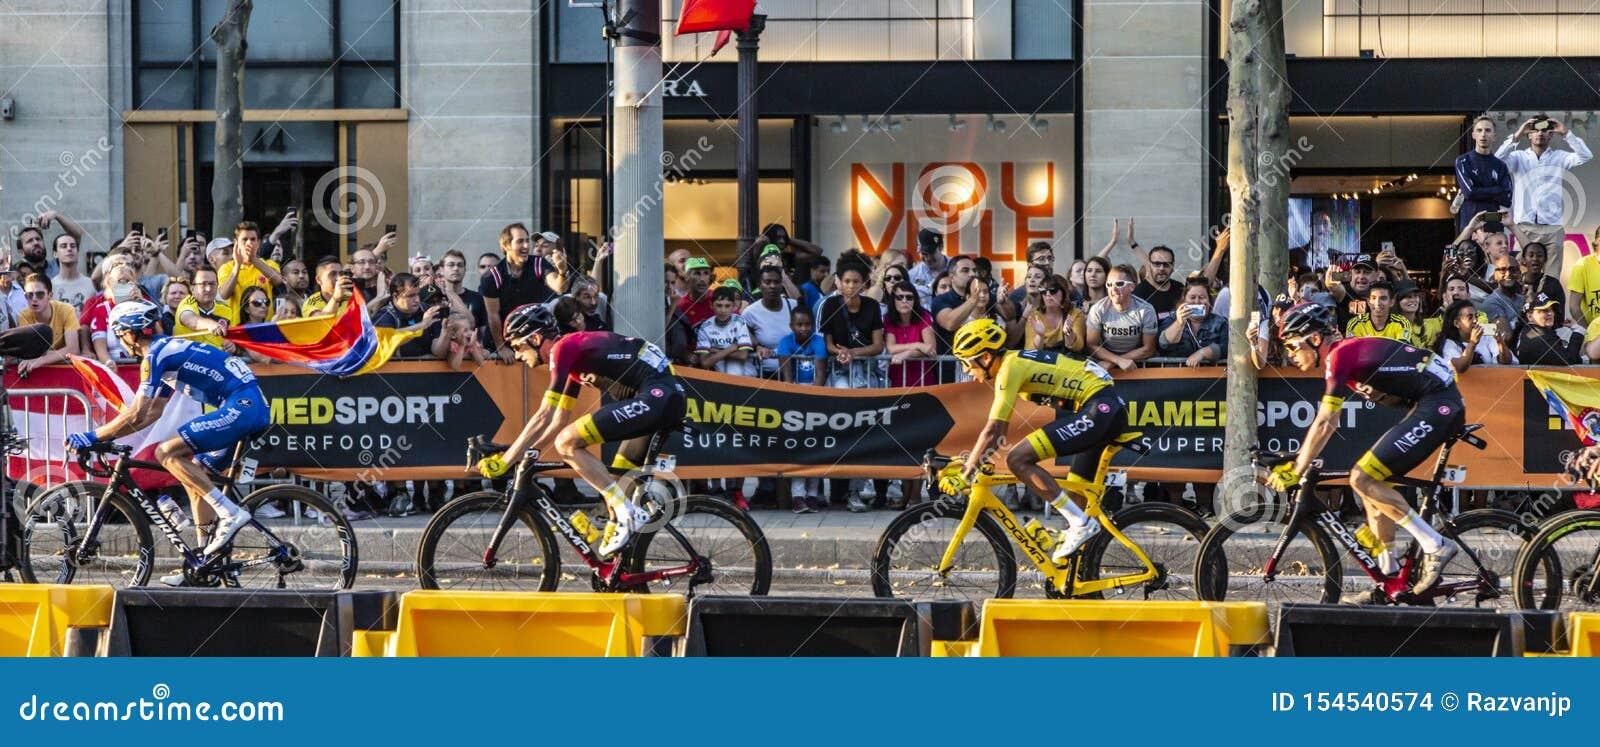 Egan Bernal o vencedor do Tour de France 2019 em Paris em Champs-Elysees em Paris